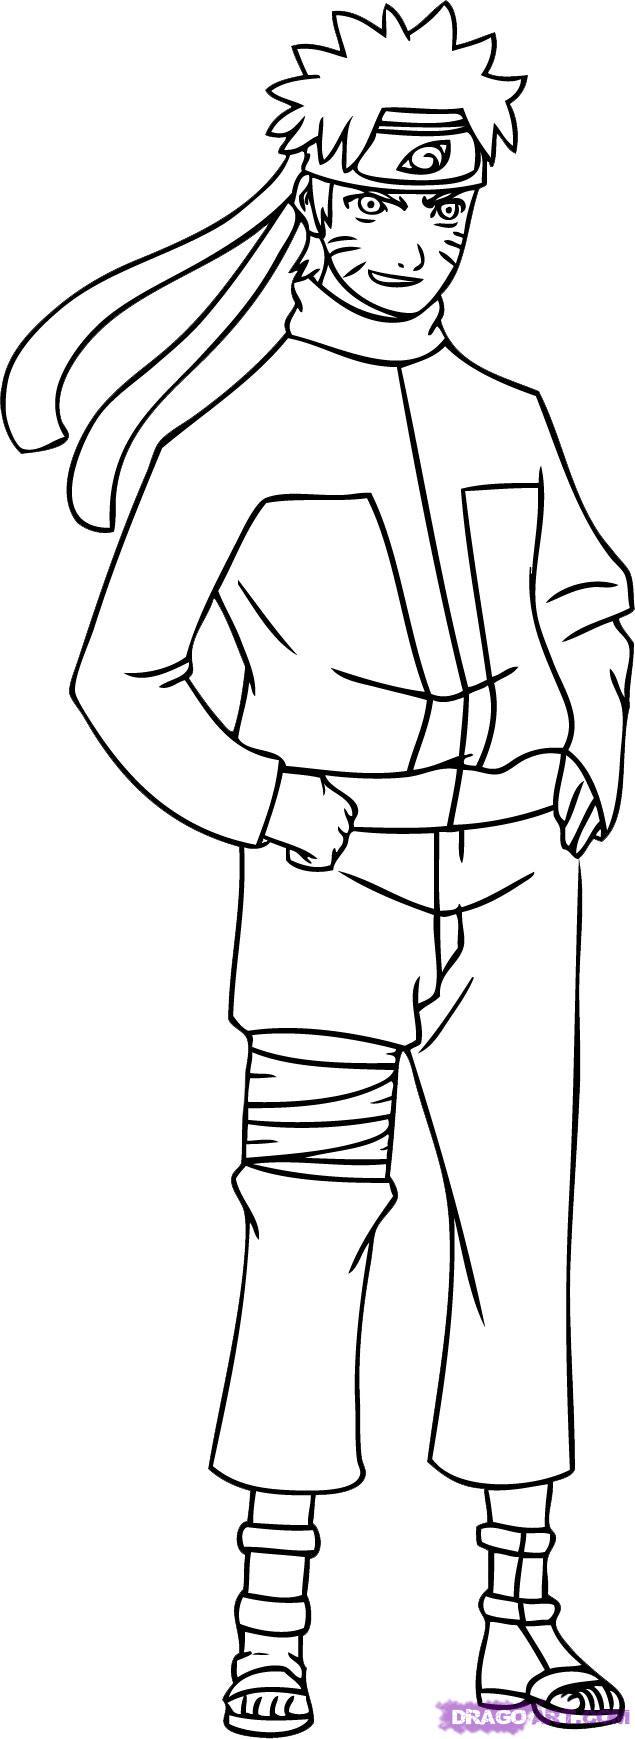 Drawn naruto simple #3